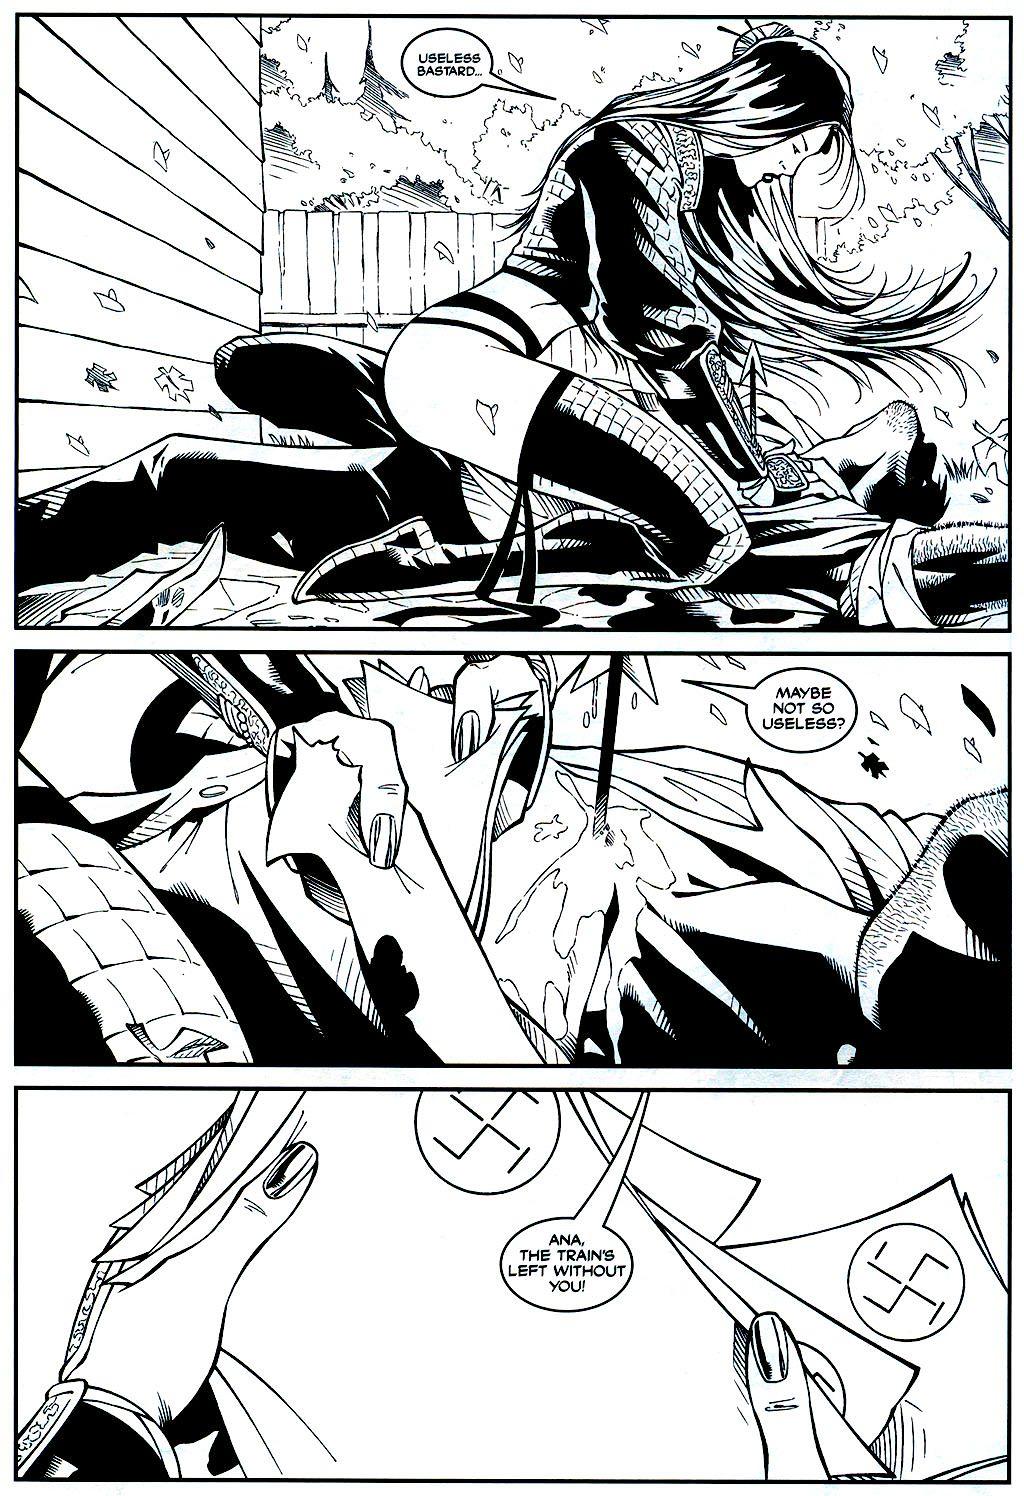 Read online Shi: Sempo comic -  Issue #1 - 13